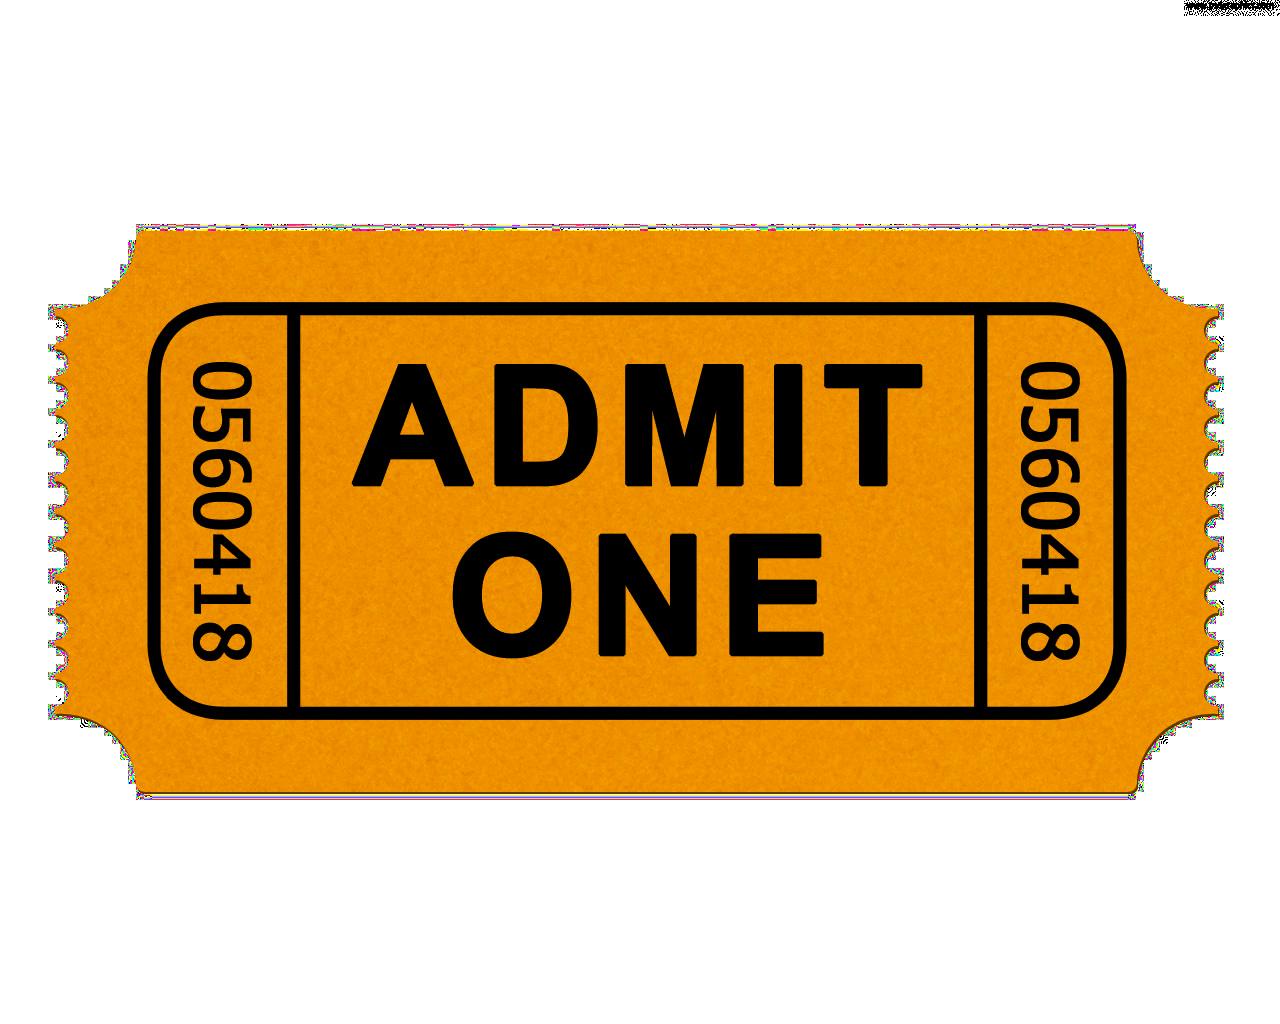 Ticket Admit One Cinema Clip art.